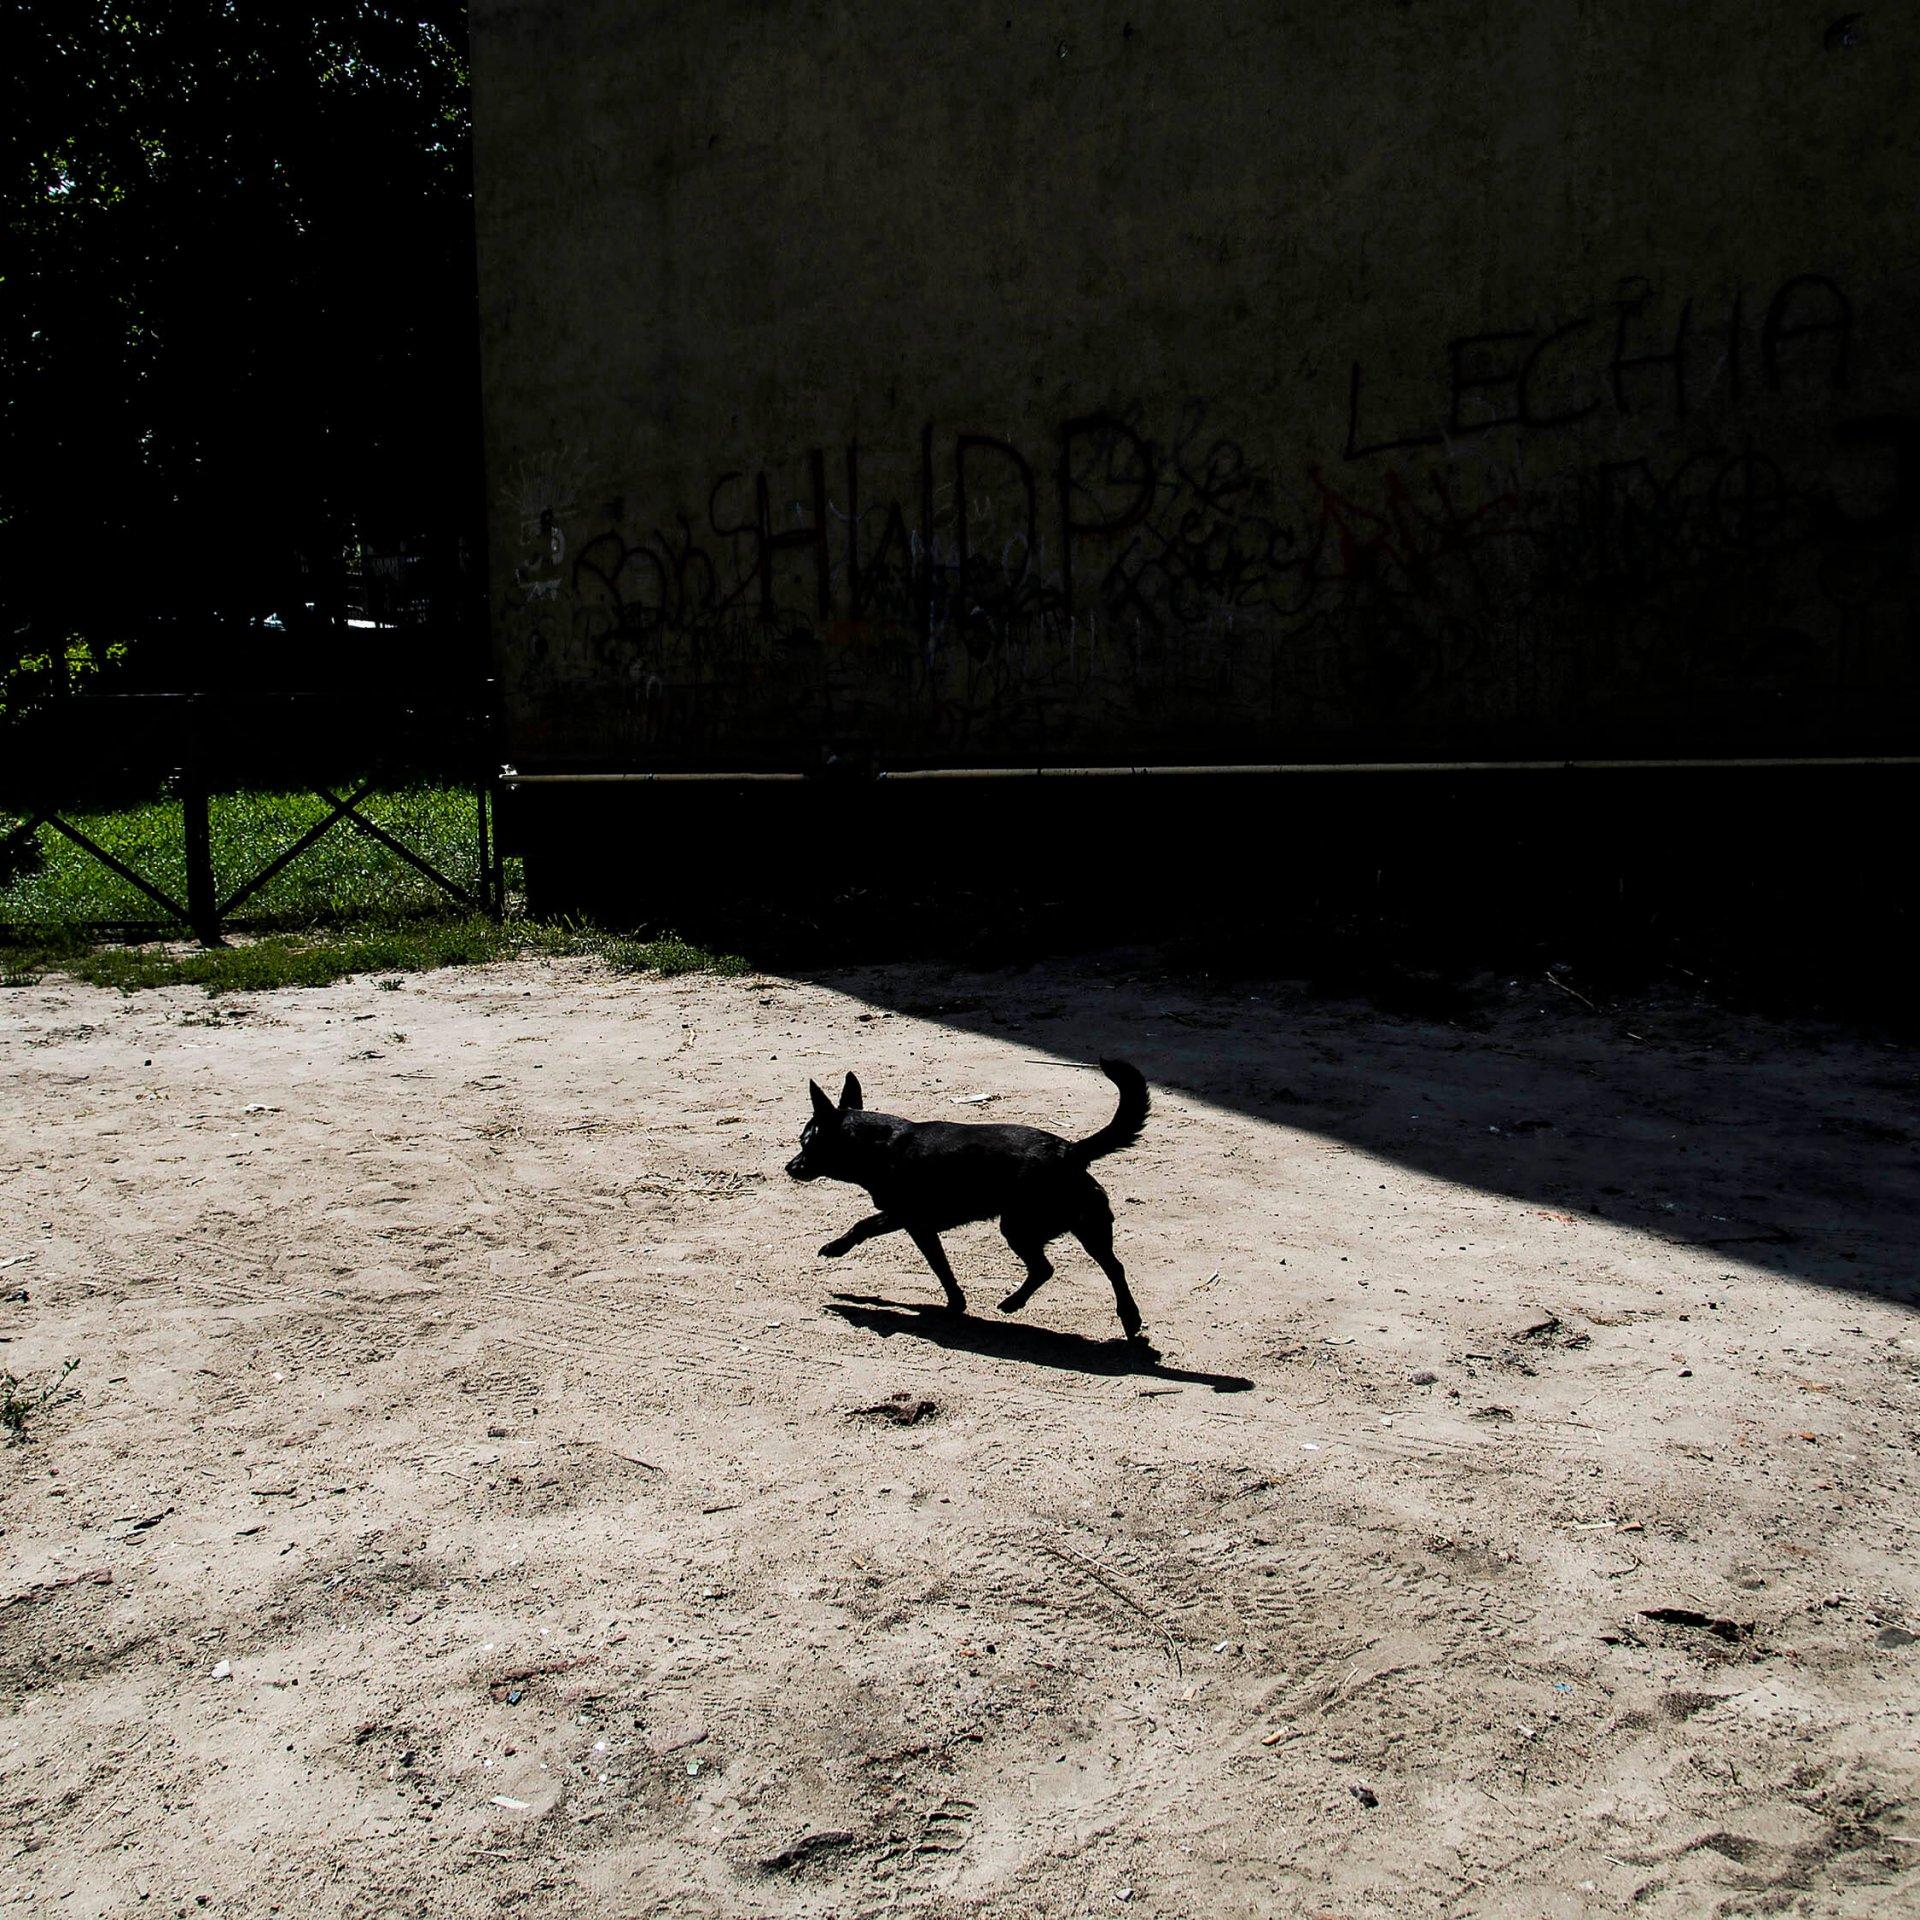 Kursy Artystyczne we Wrocławiu w Ośrodku Postaw Twórczych